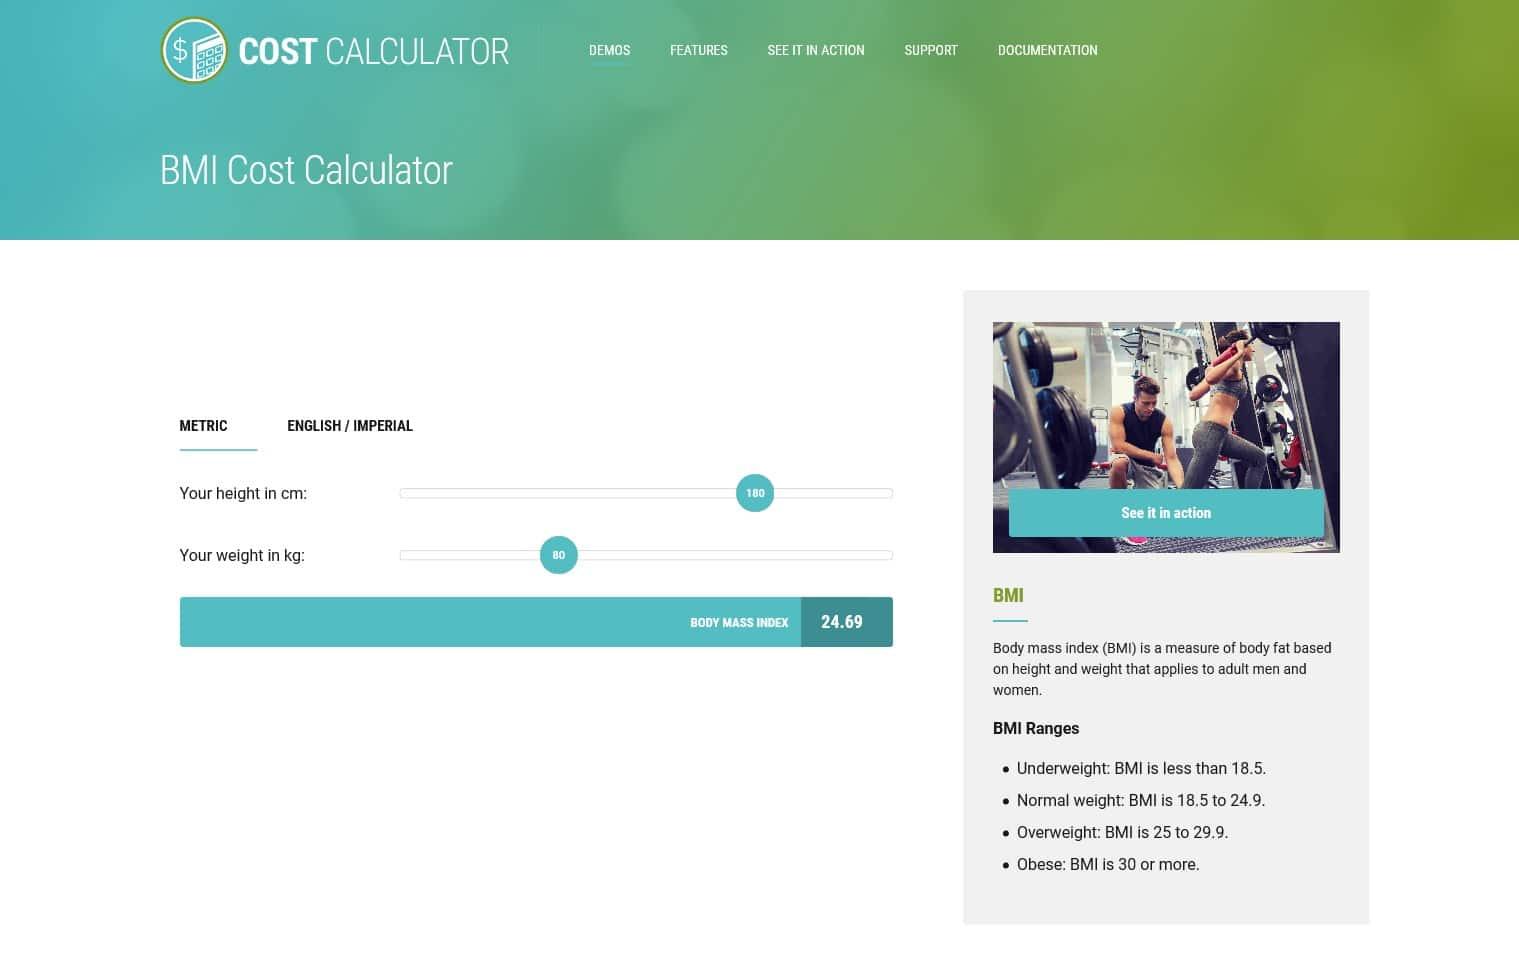 افزونه محاسبه قیمت Cost Calculator